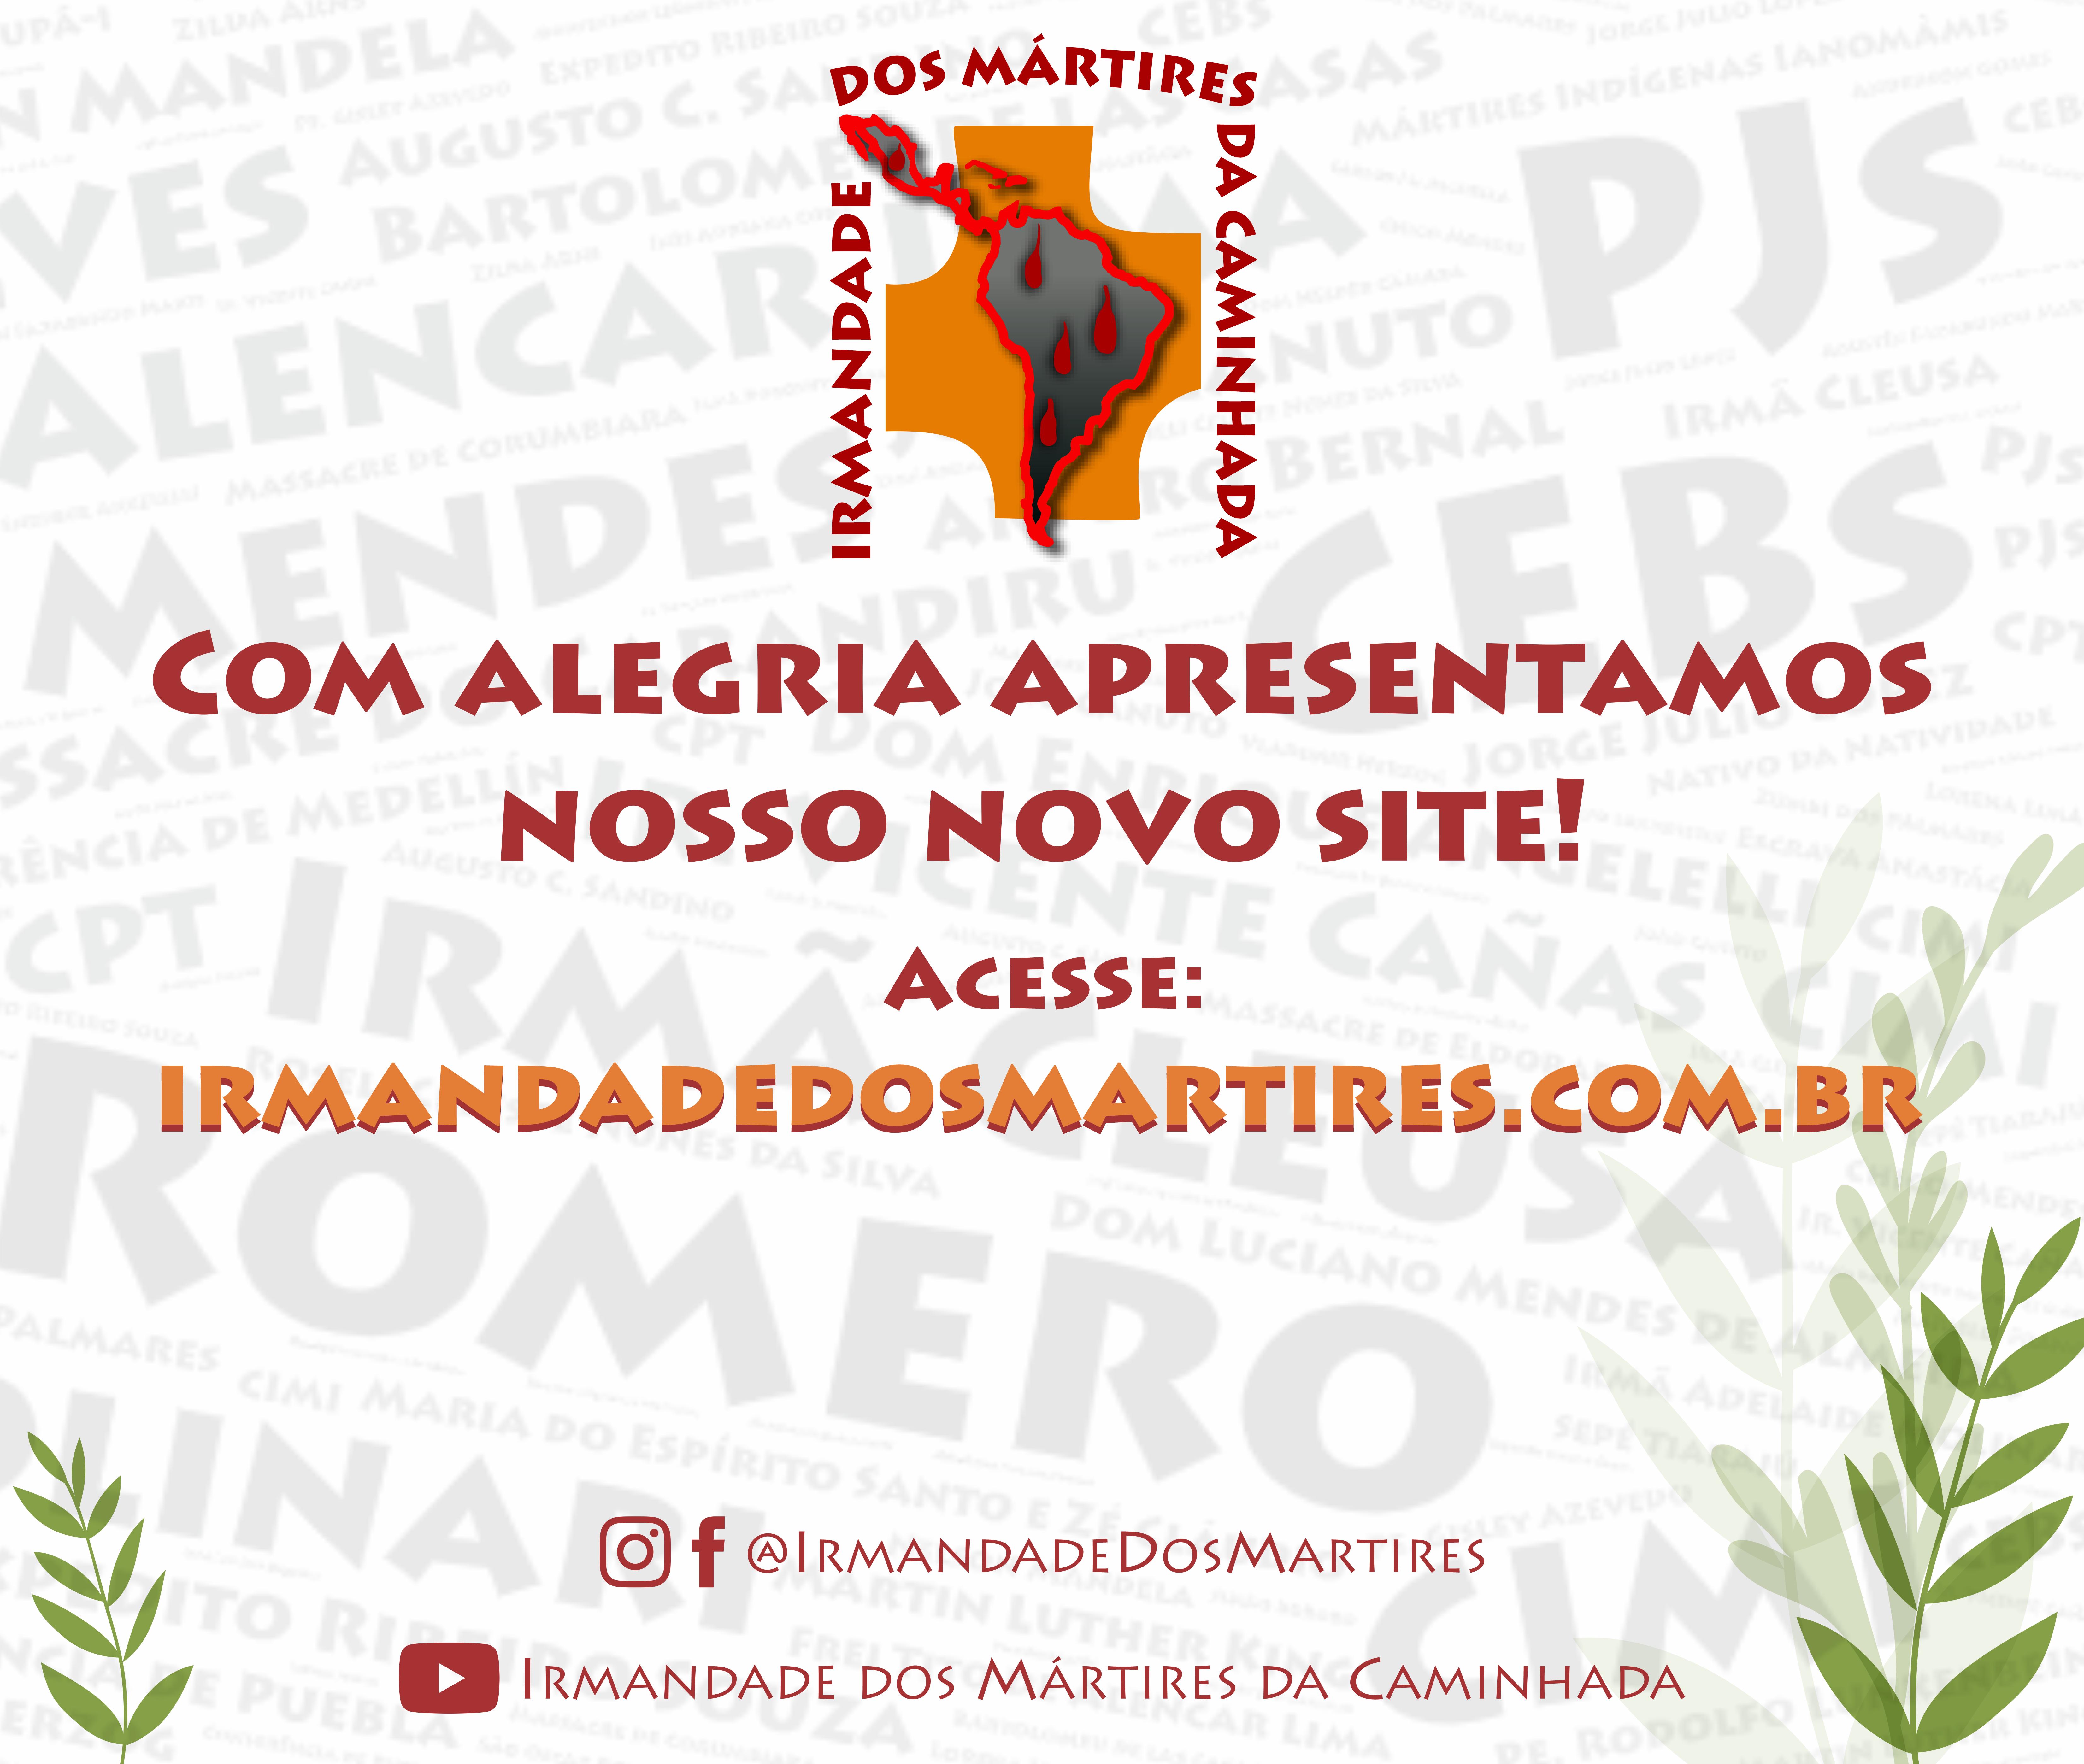 Irmandade dos Mártires da Caminhada lança novo site